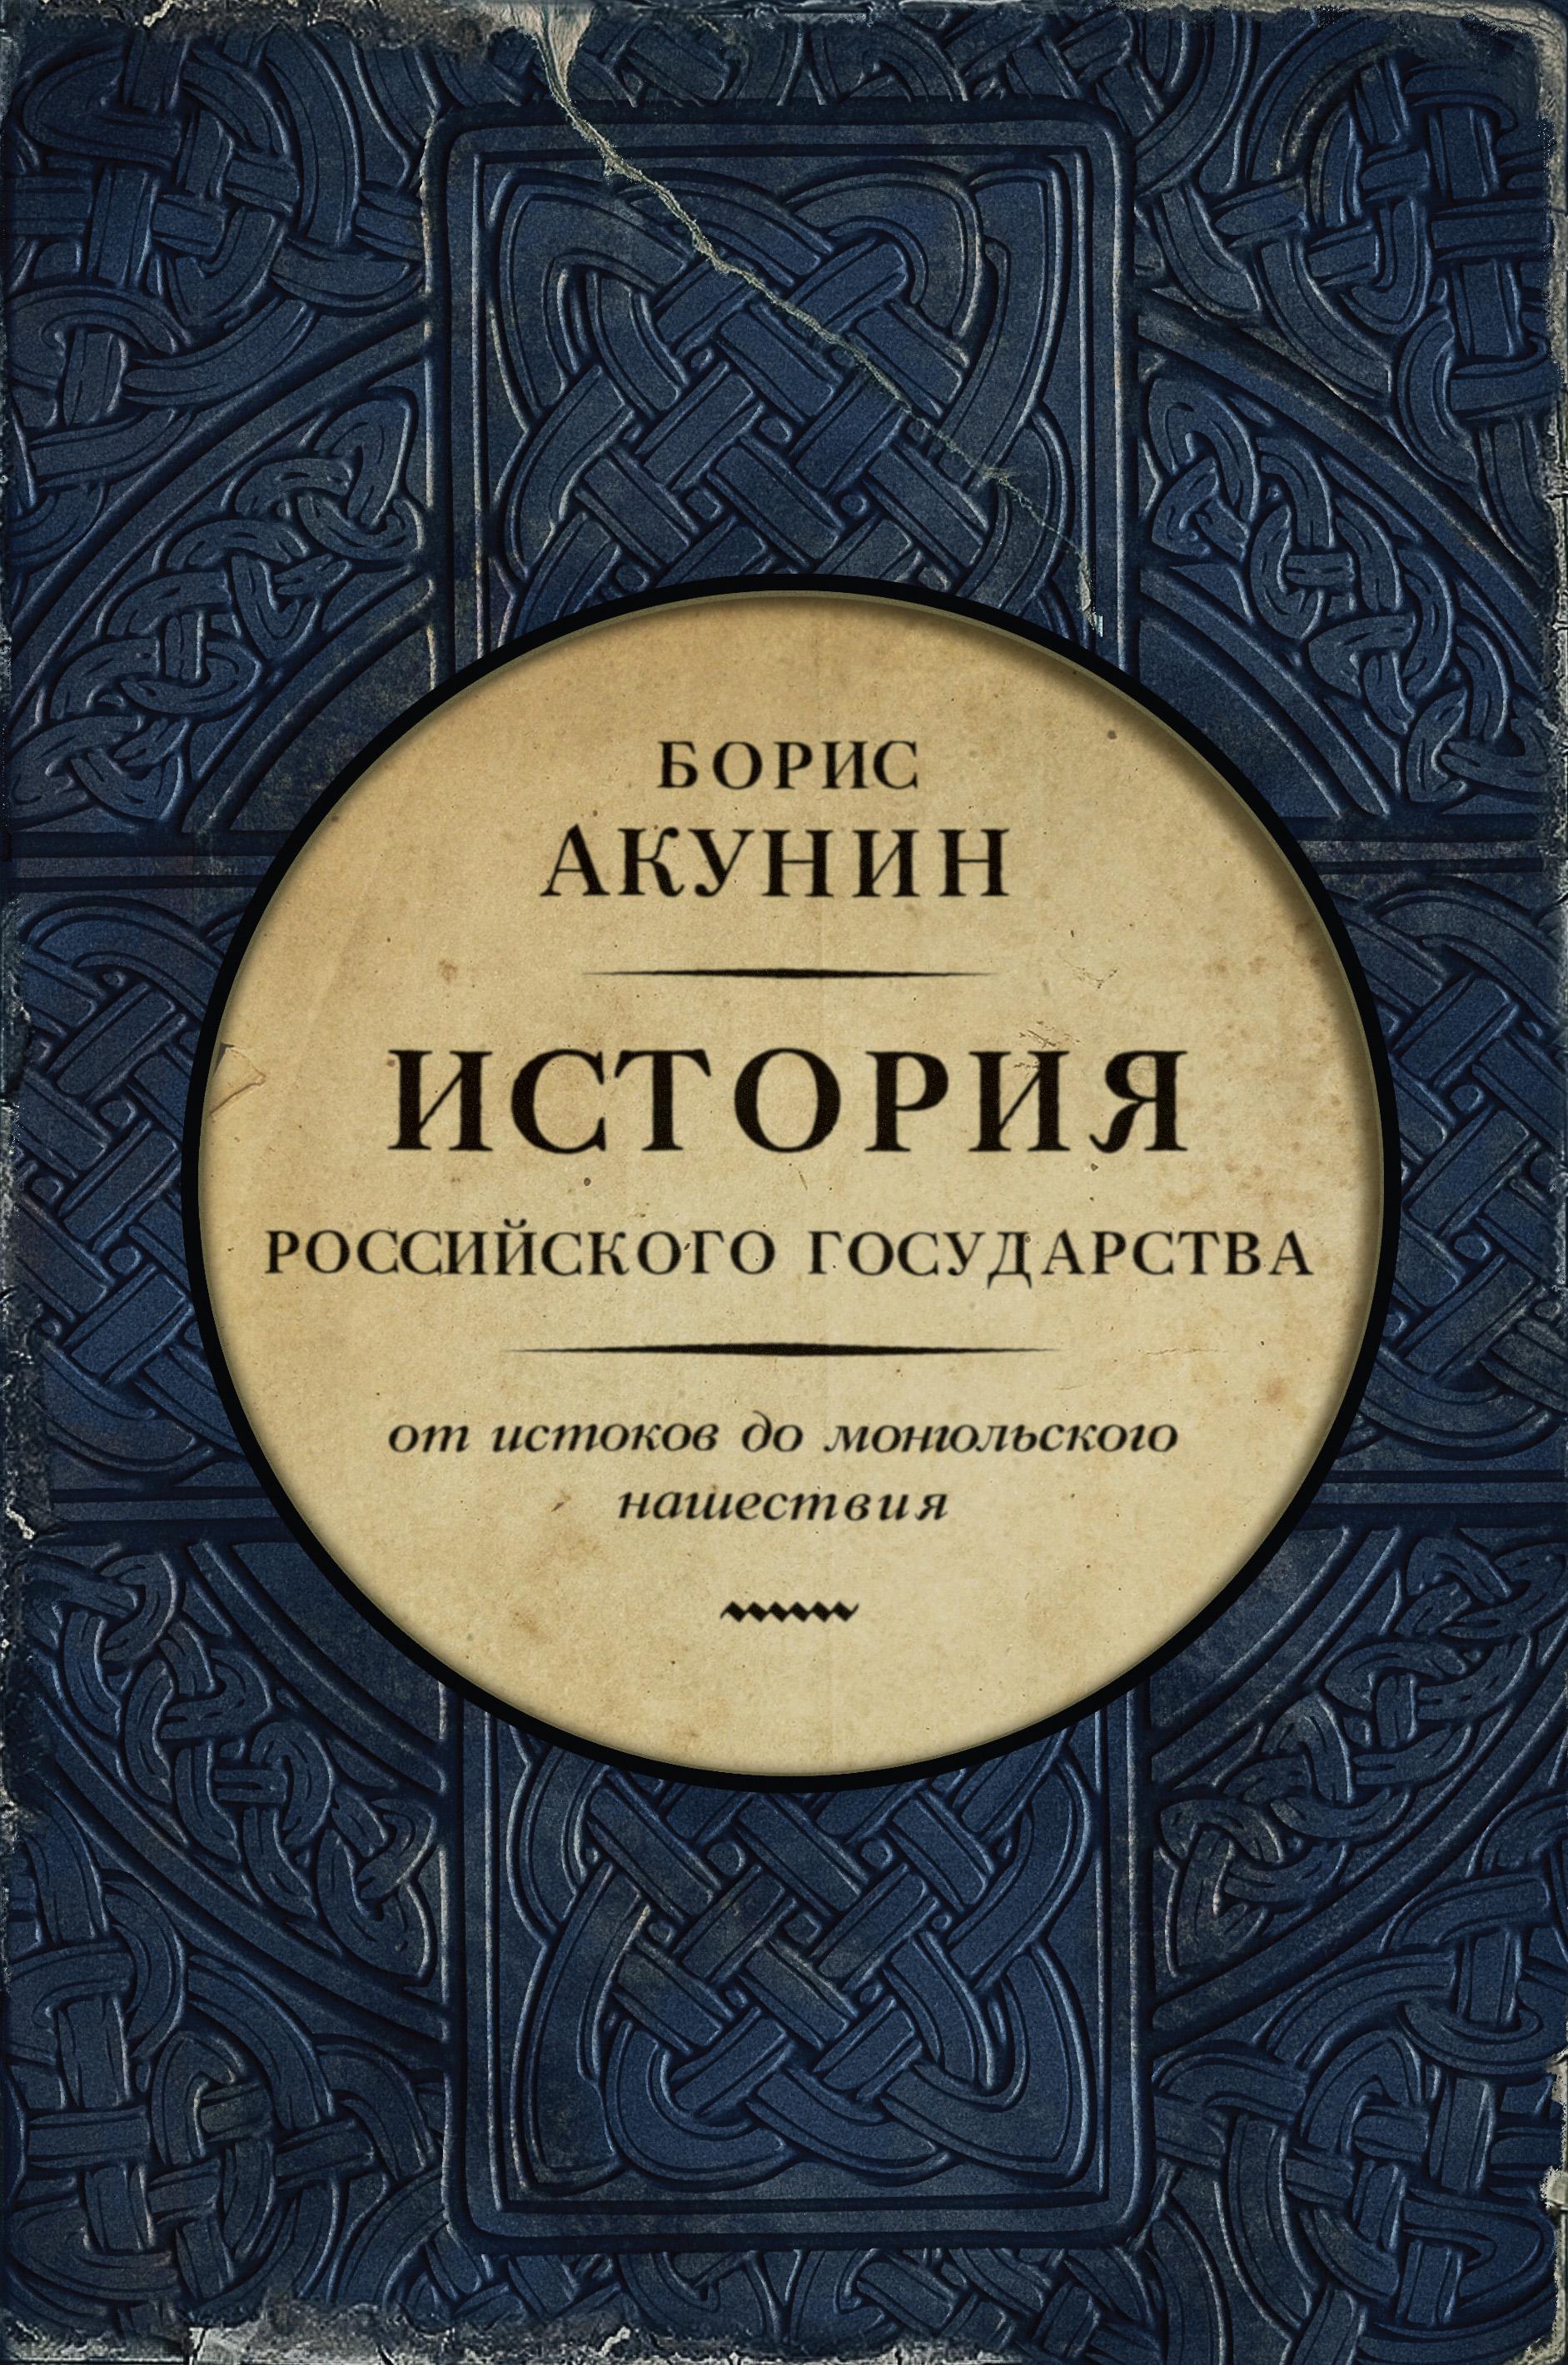 chast evropy istoriya rossiyskogo gosudarstva ot istokov do mongolskogo nashestviya